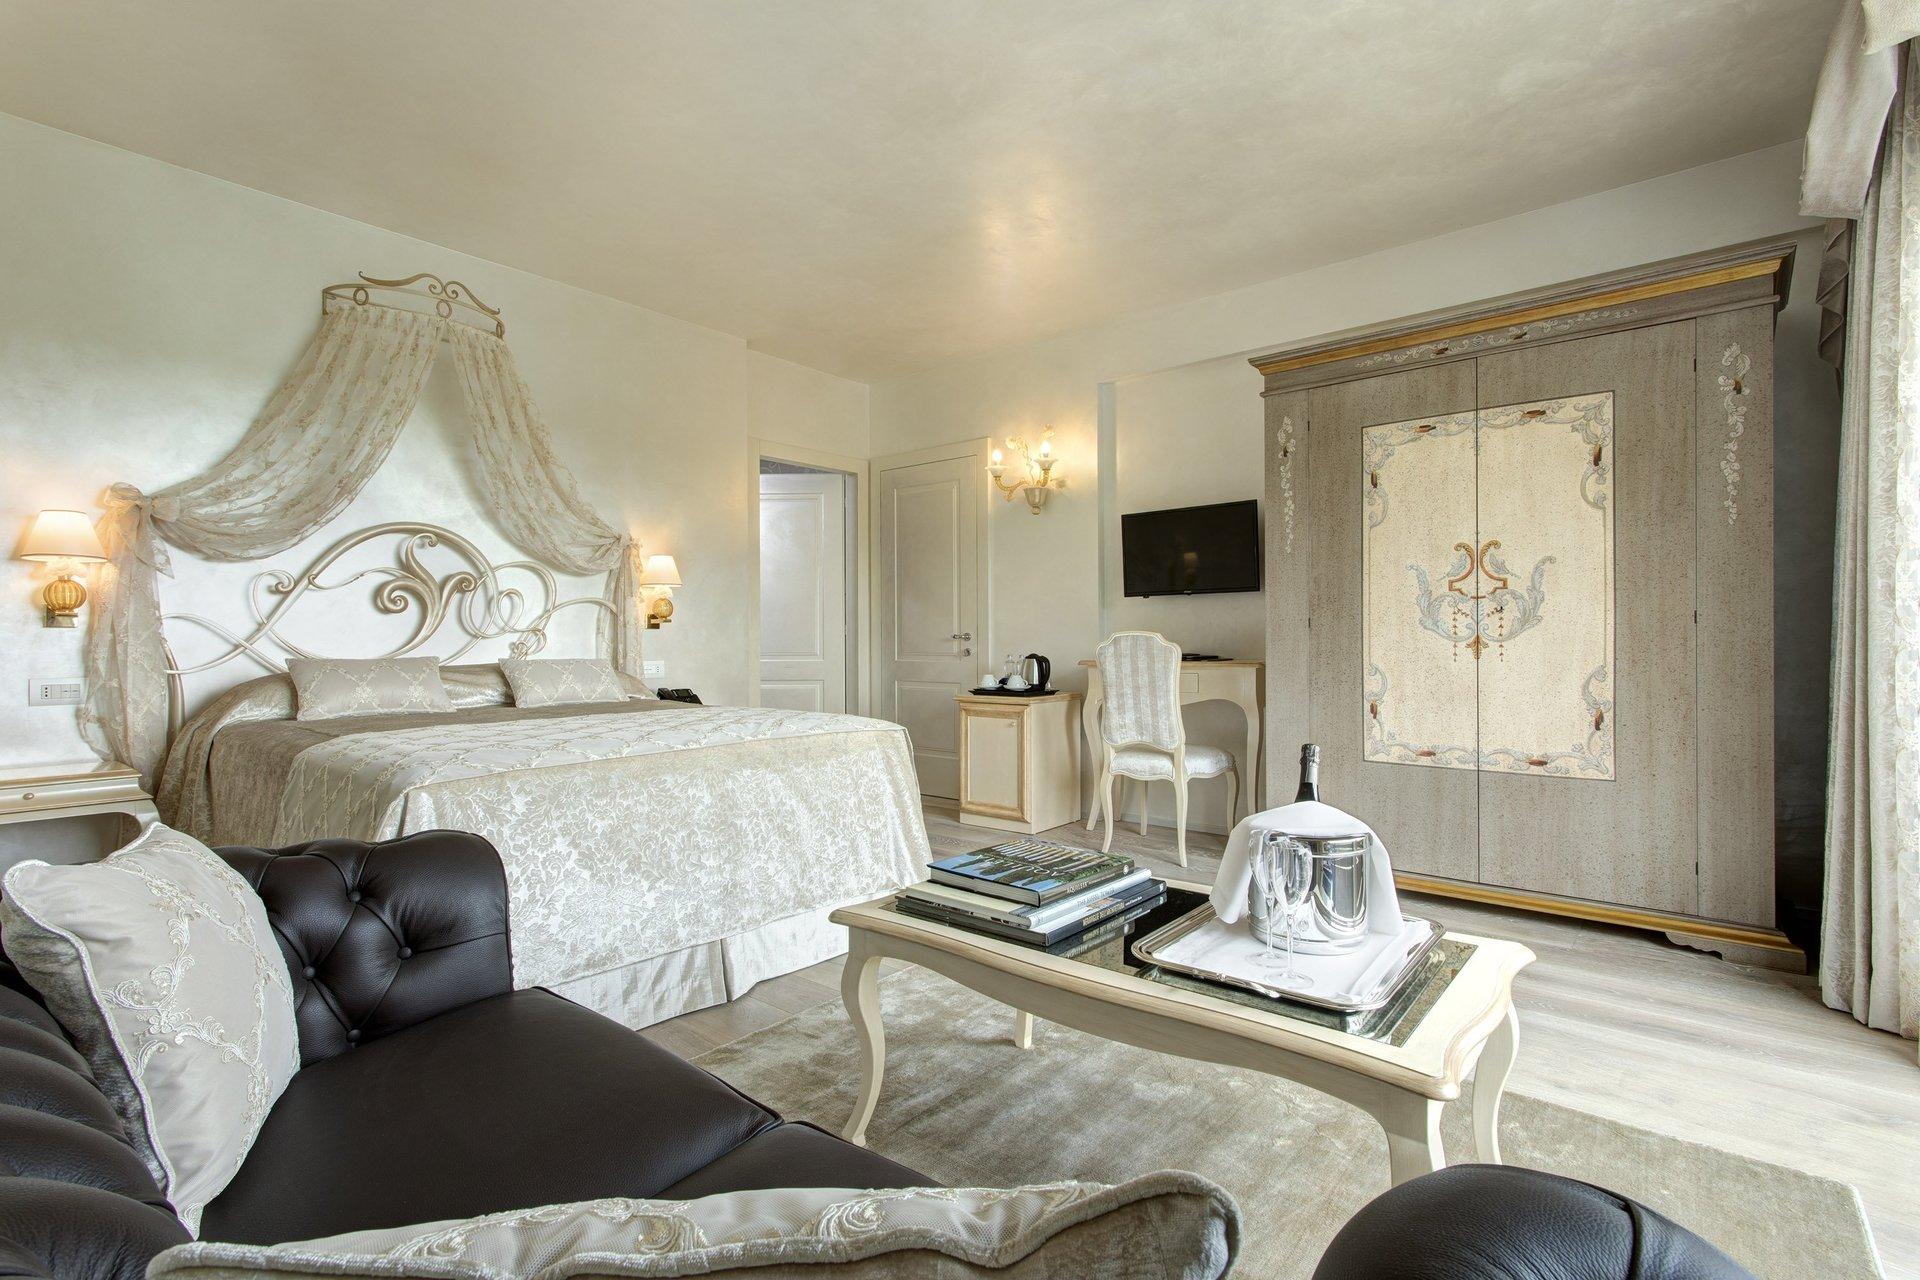 stanza da letto con divanetto e angolo relax